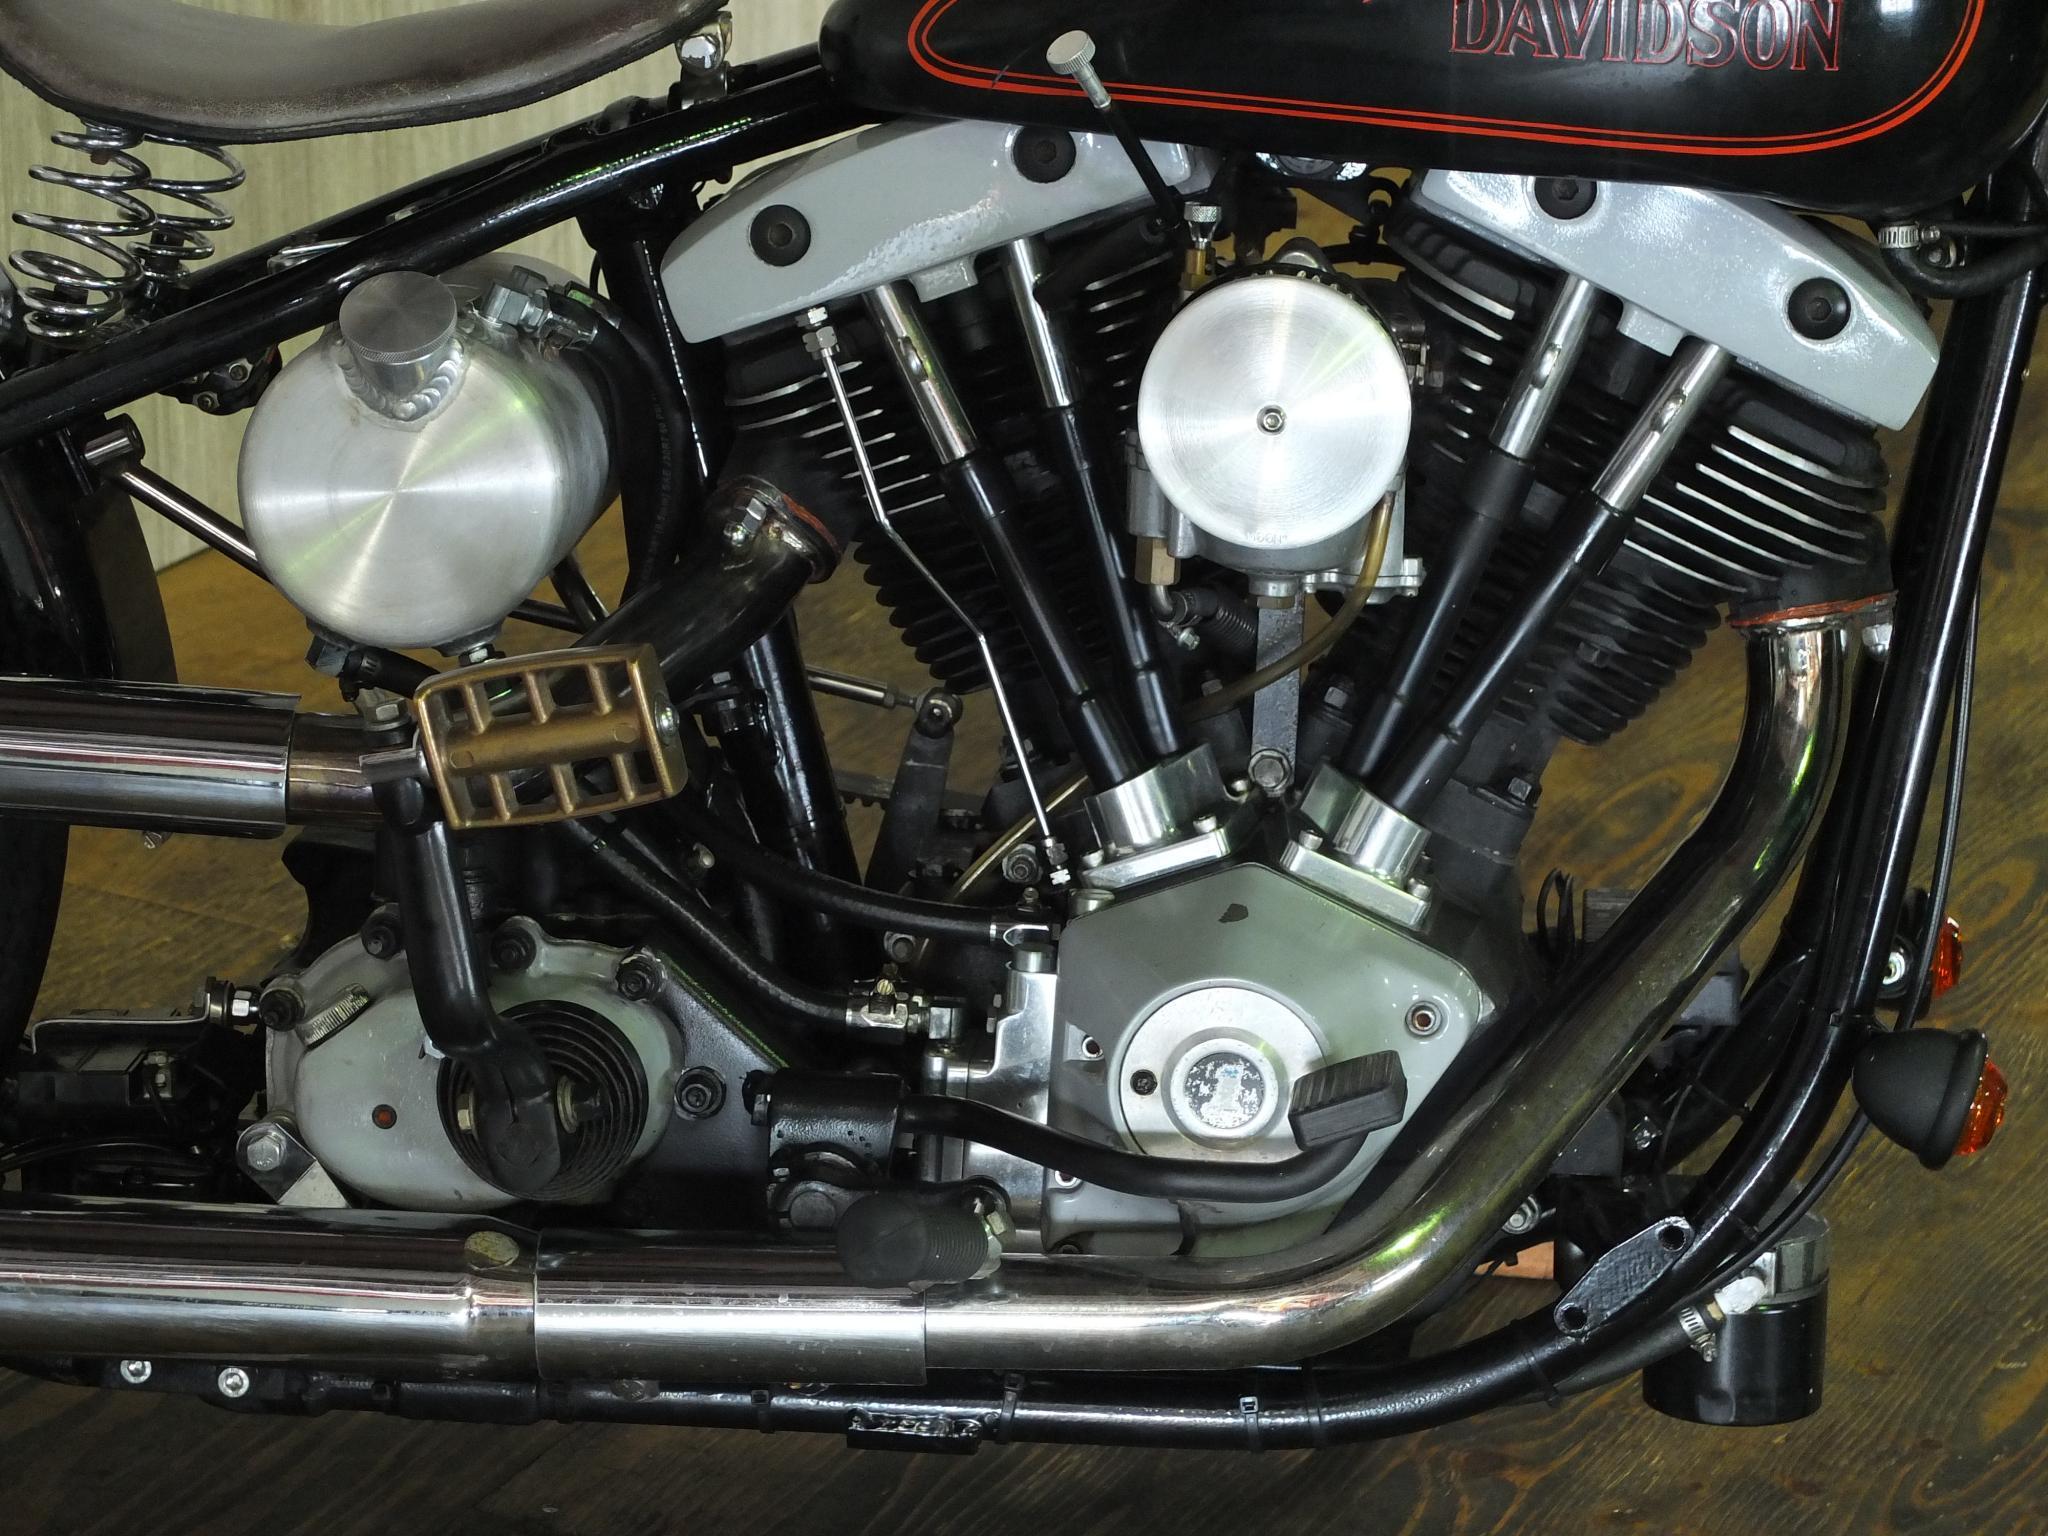 ハーレーダビッドソン 1979 FXS Custom 車体写真7